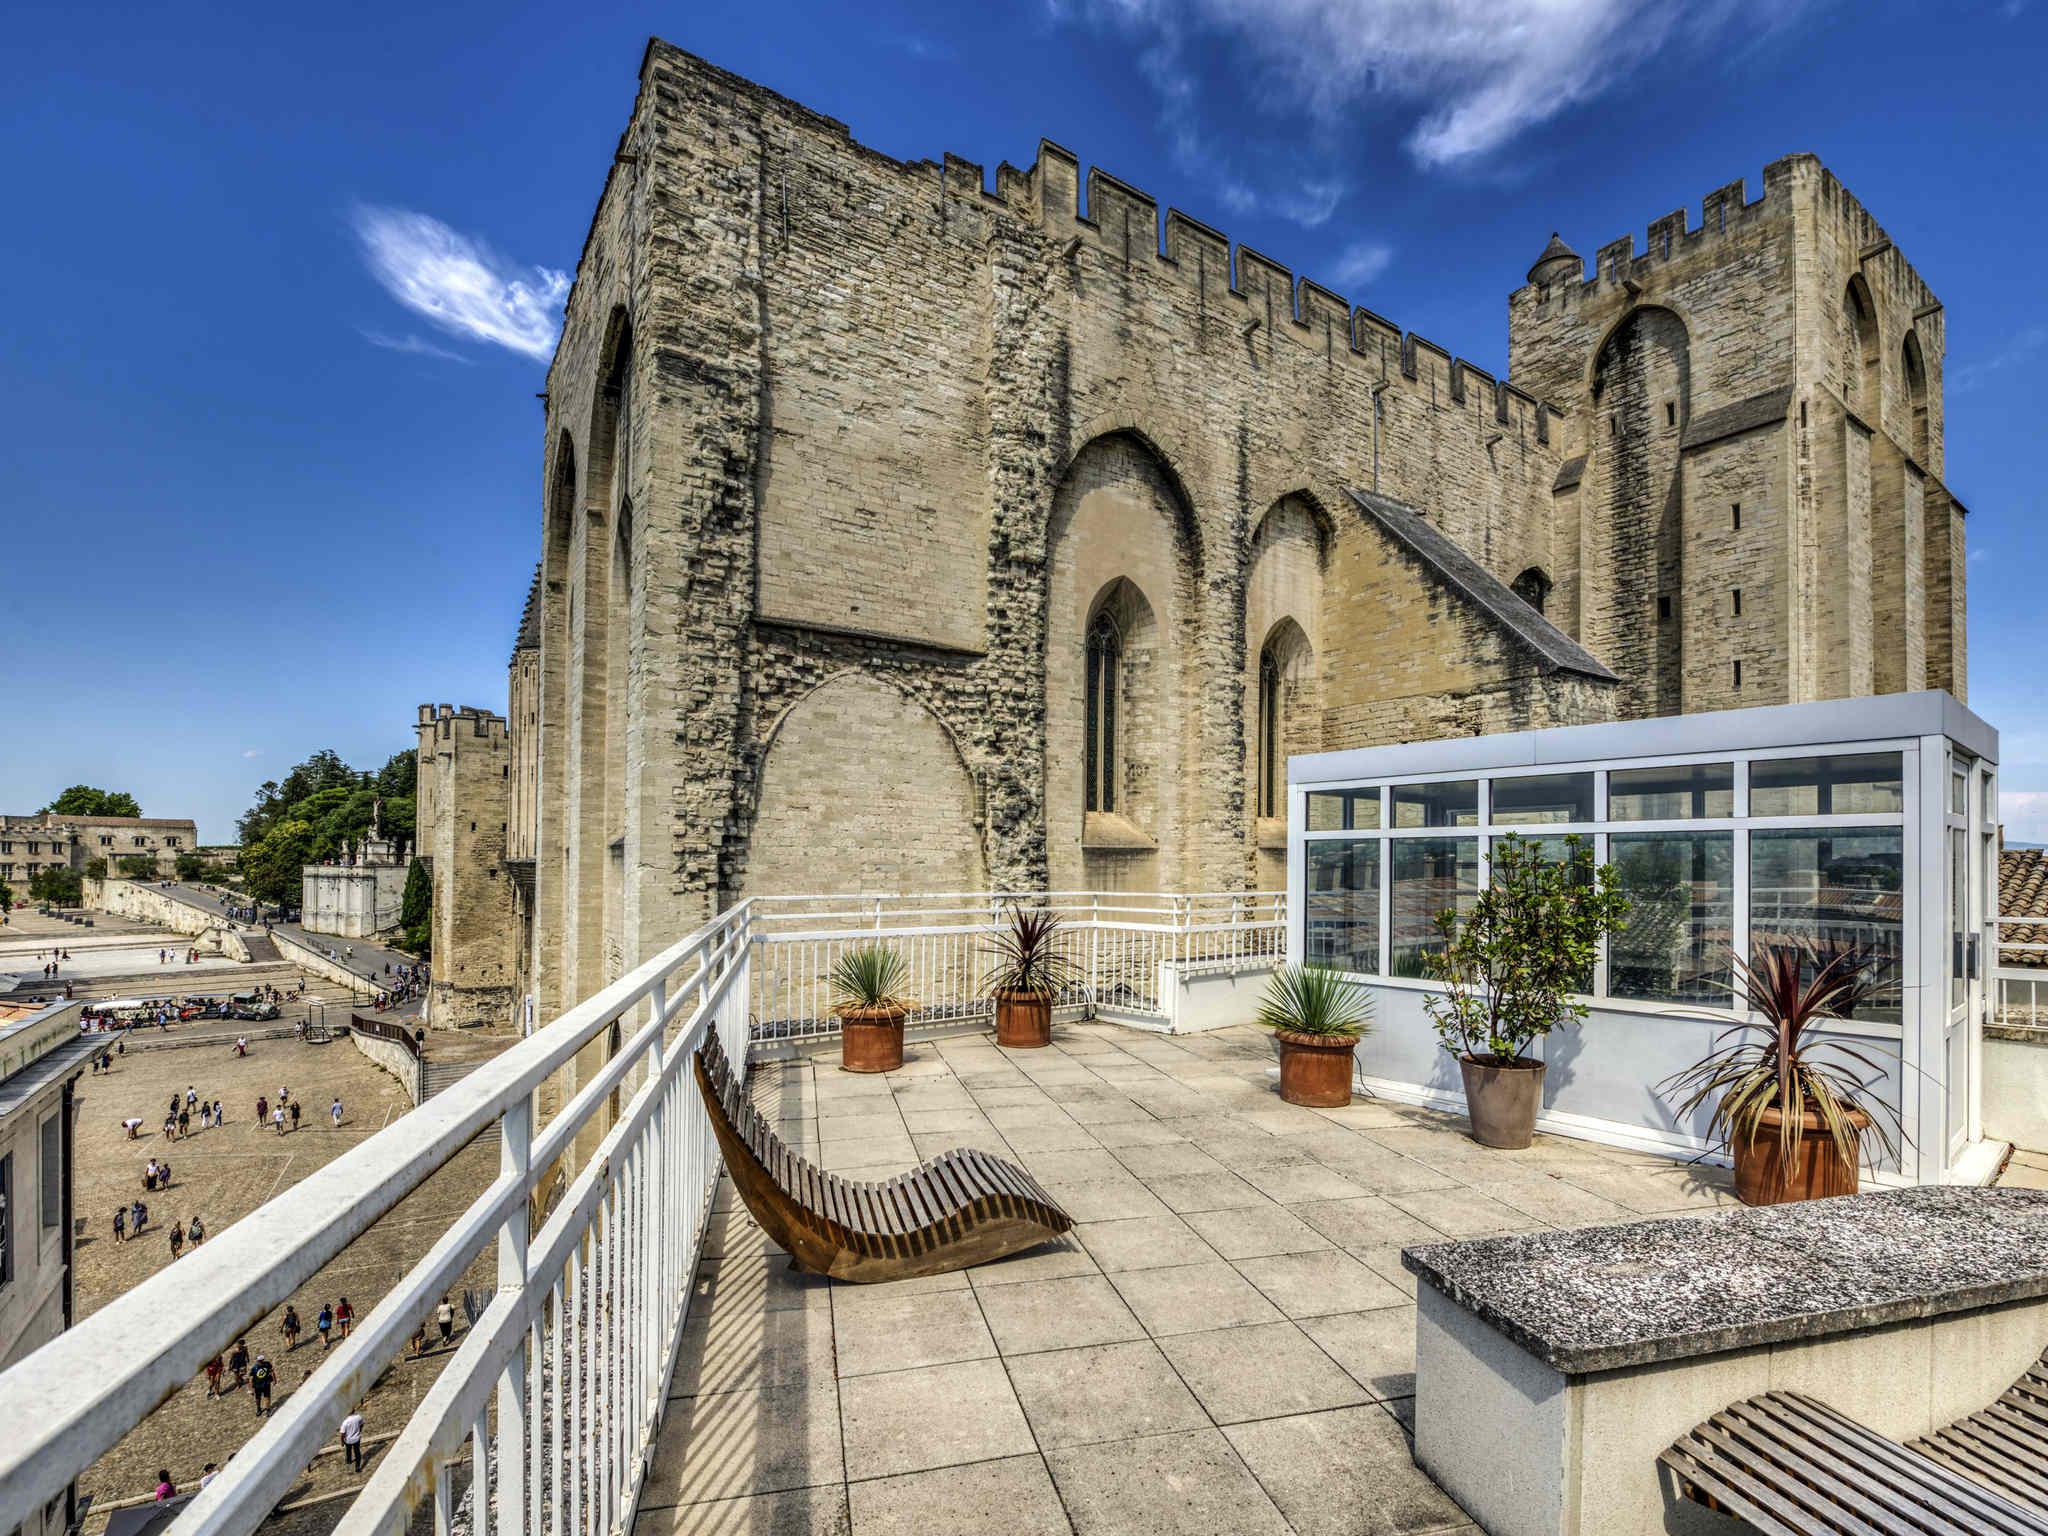 酒店 – 阿维尼翁中心教皇之城美居酒店